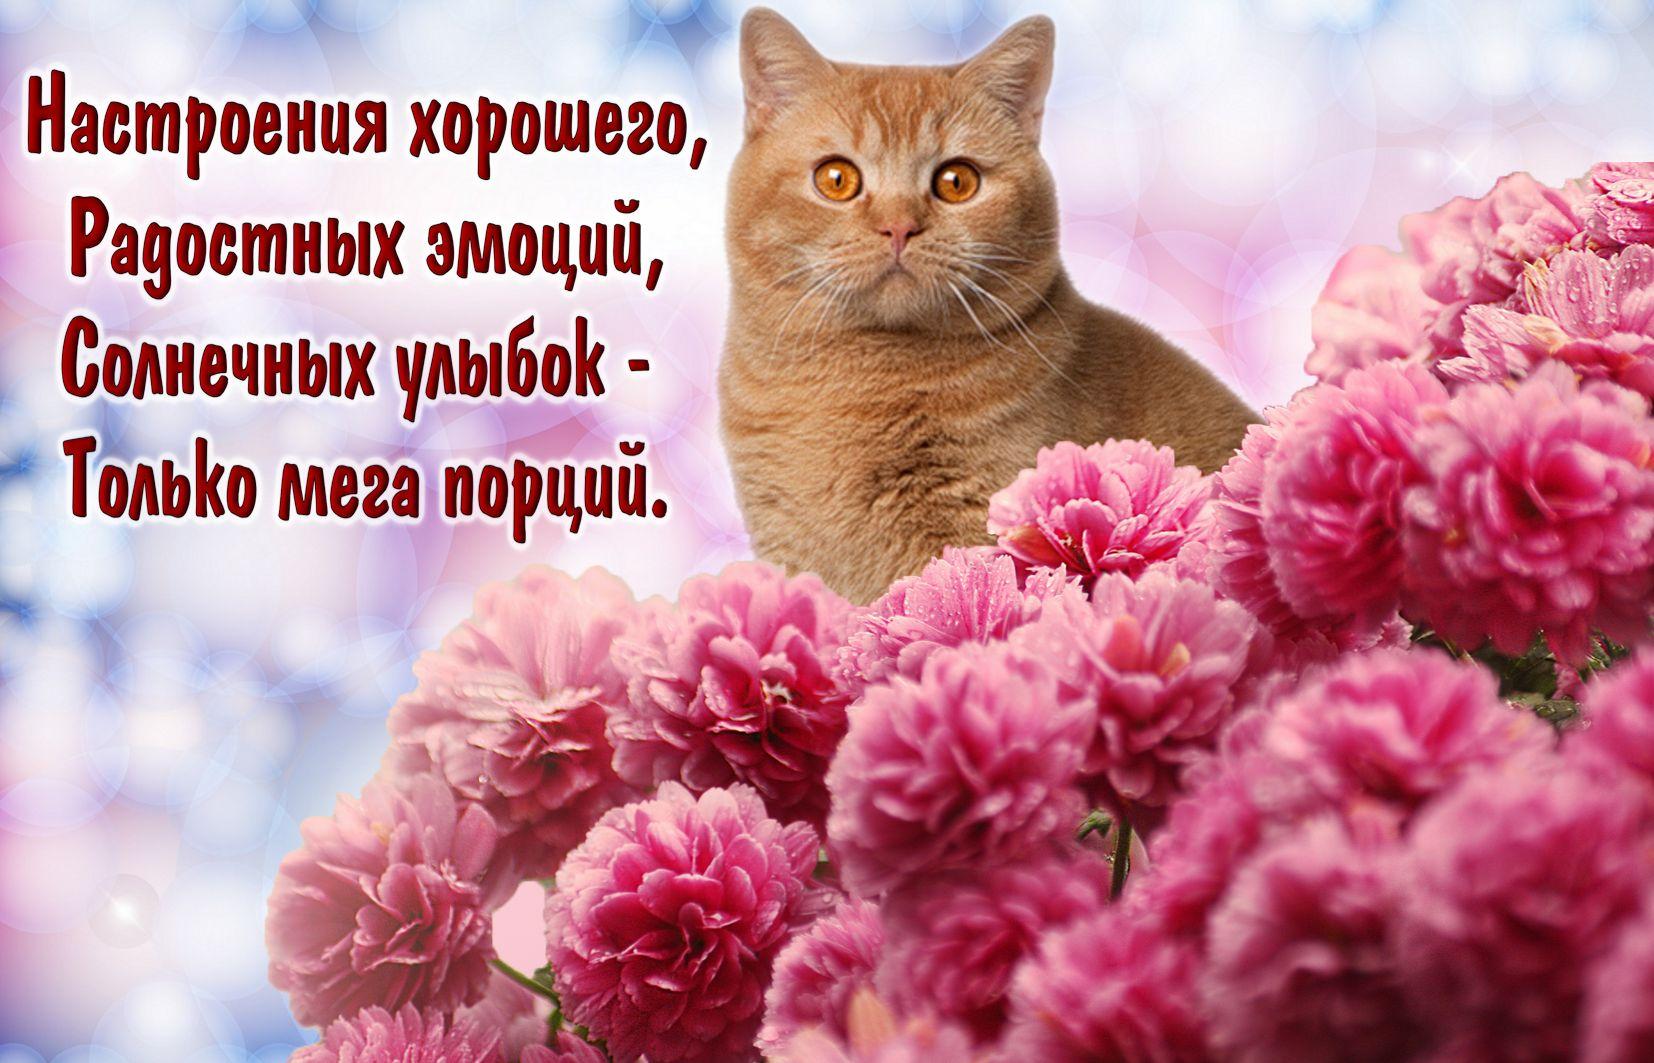 Рыжий котик среди красных цветов